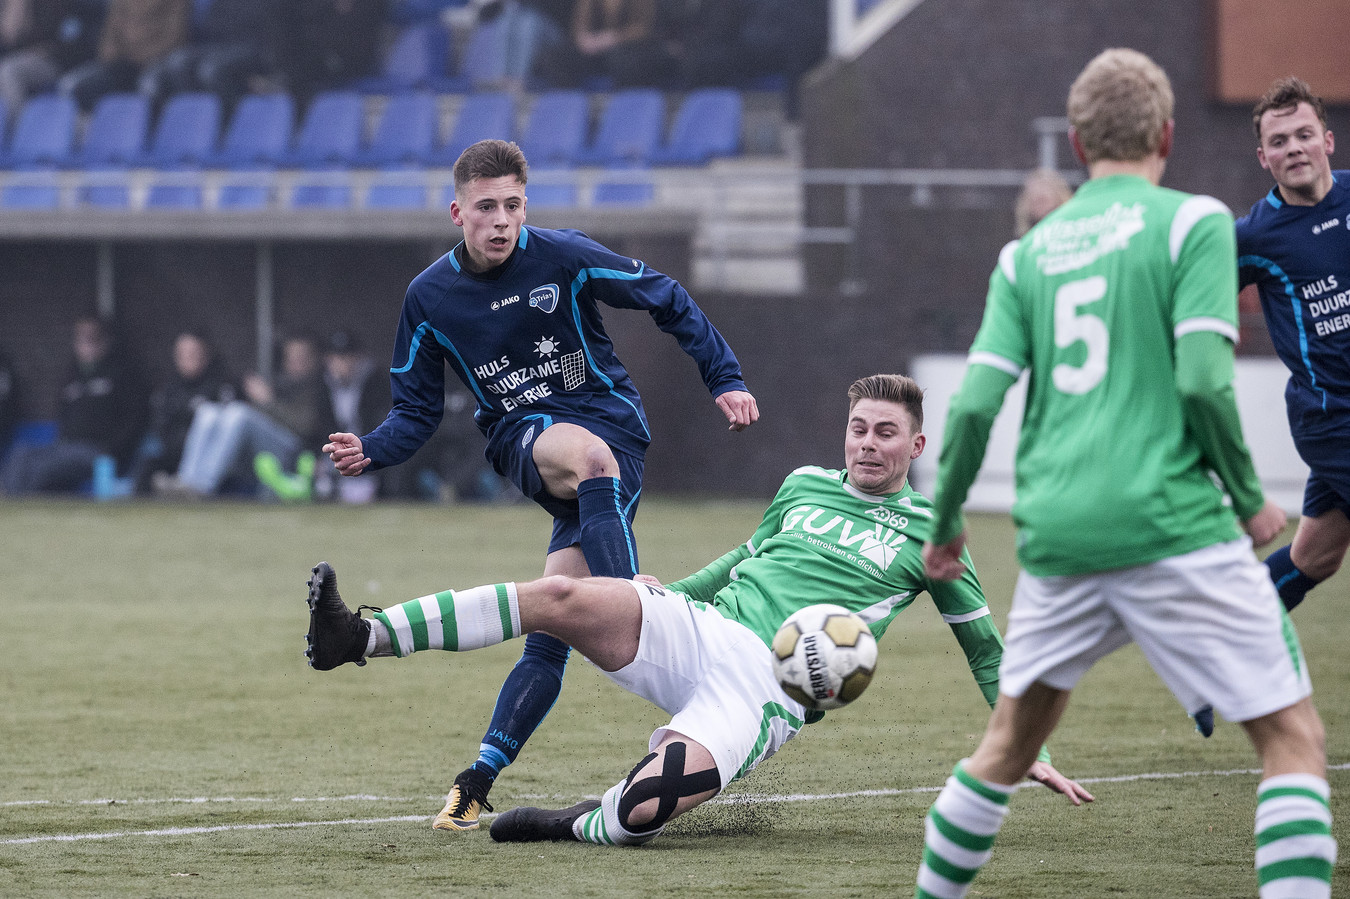 FC Trias-aanvaller Lars Dijkstra naar Longa '30